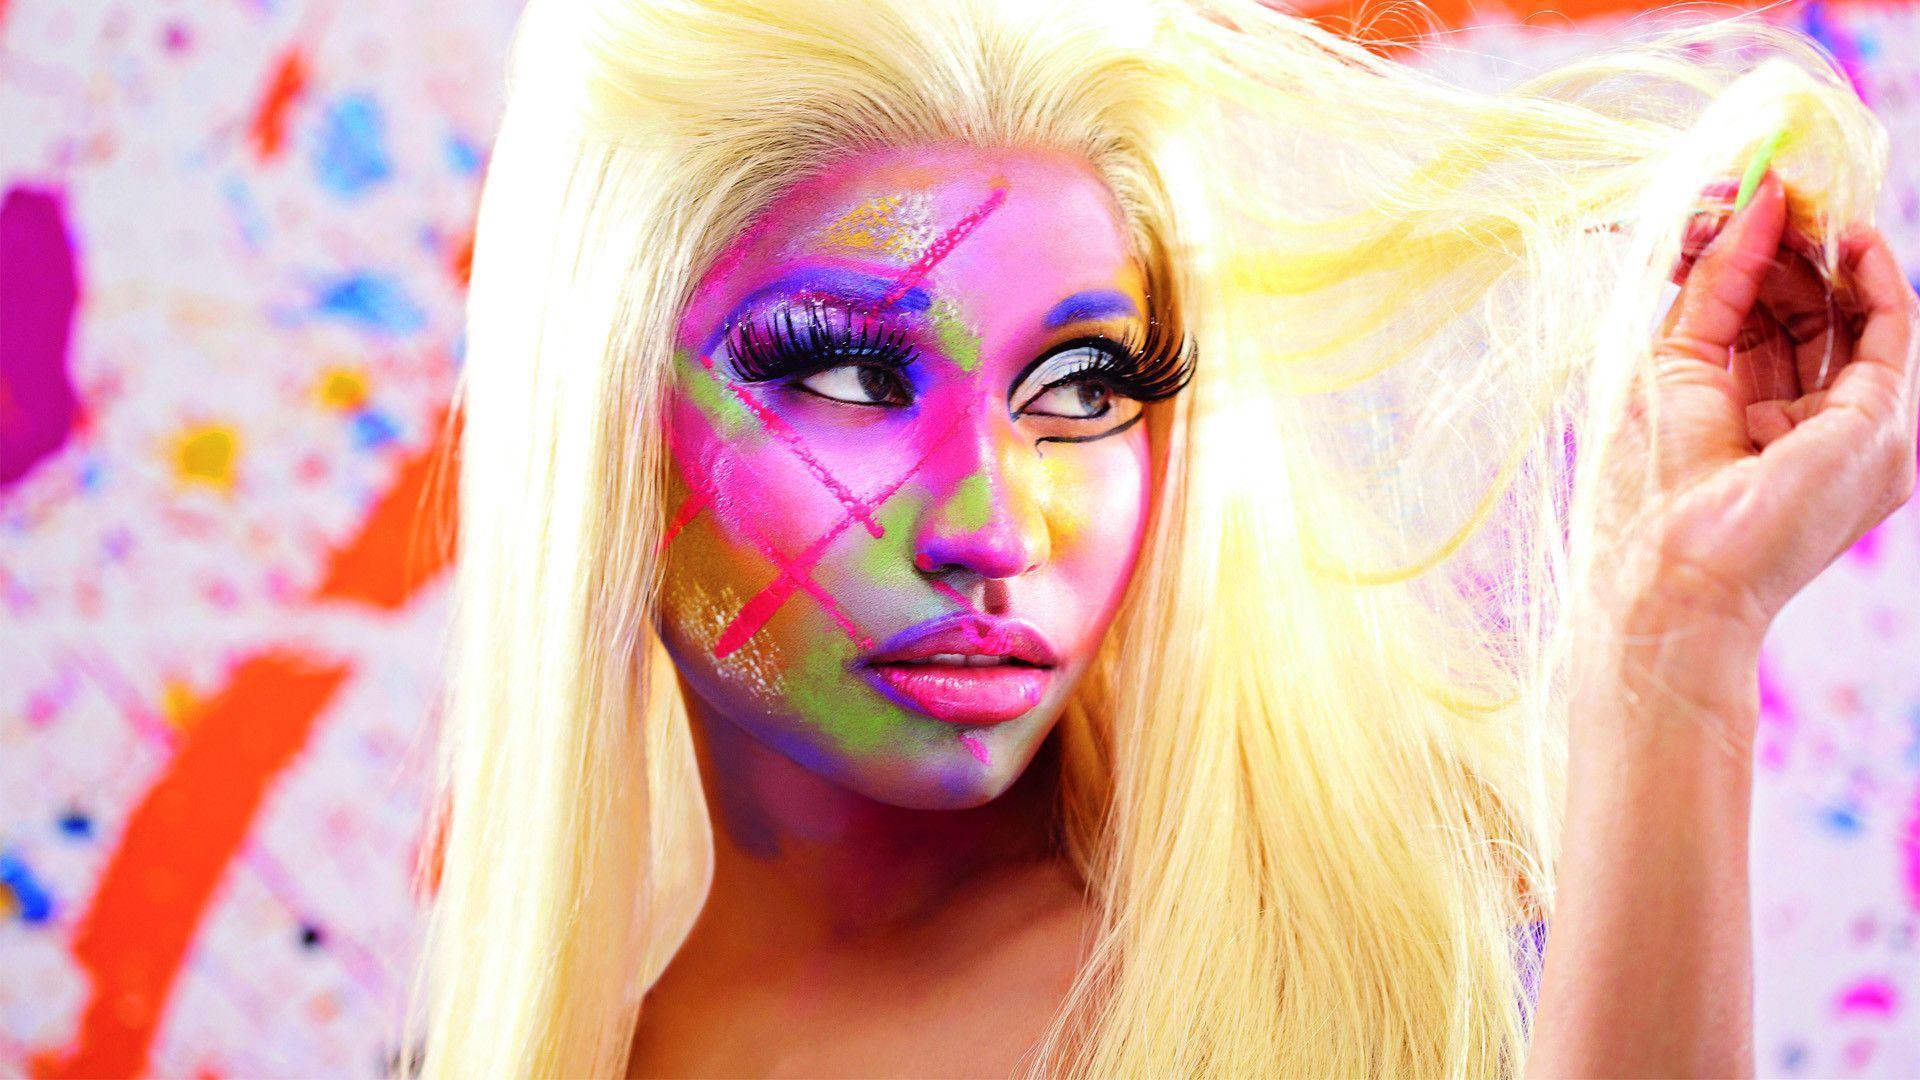 How to Download Nicki Minaj Wallpaper